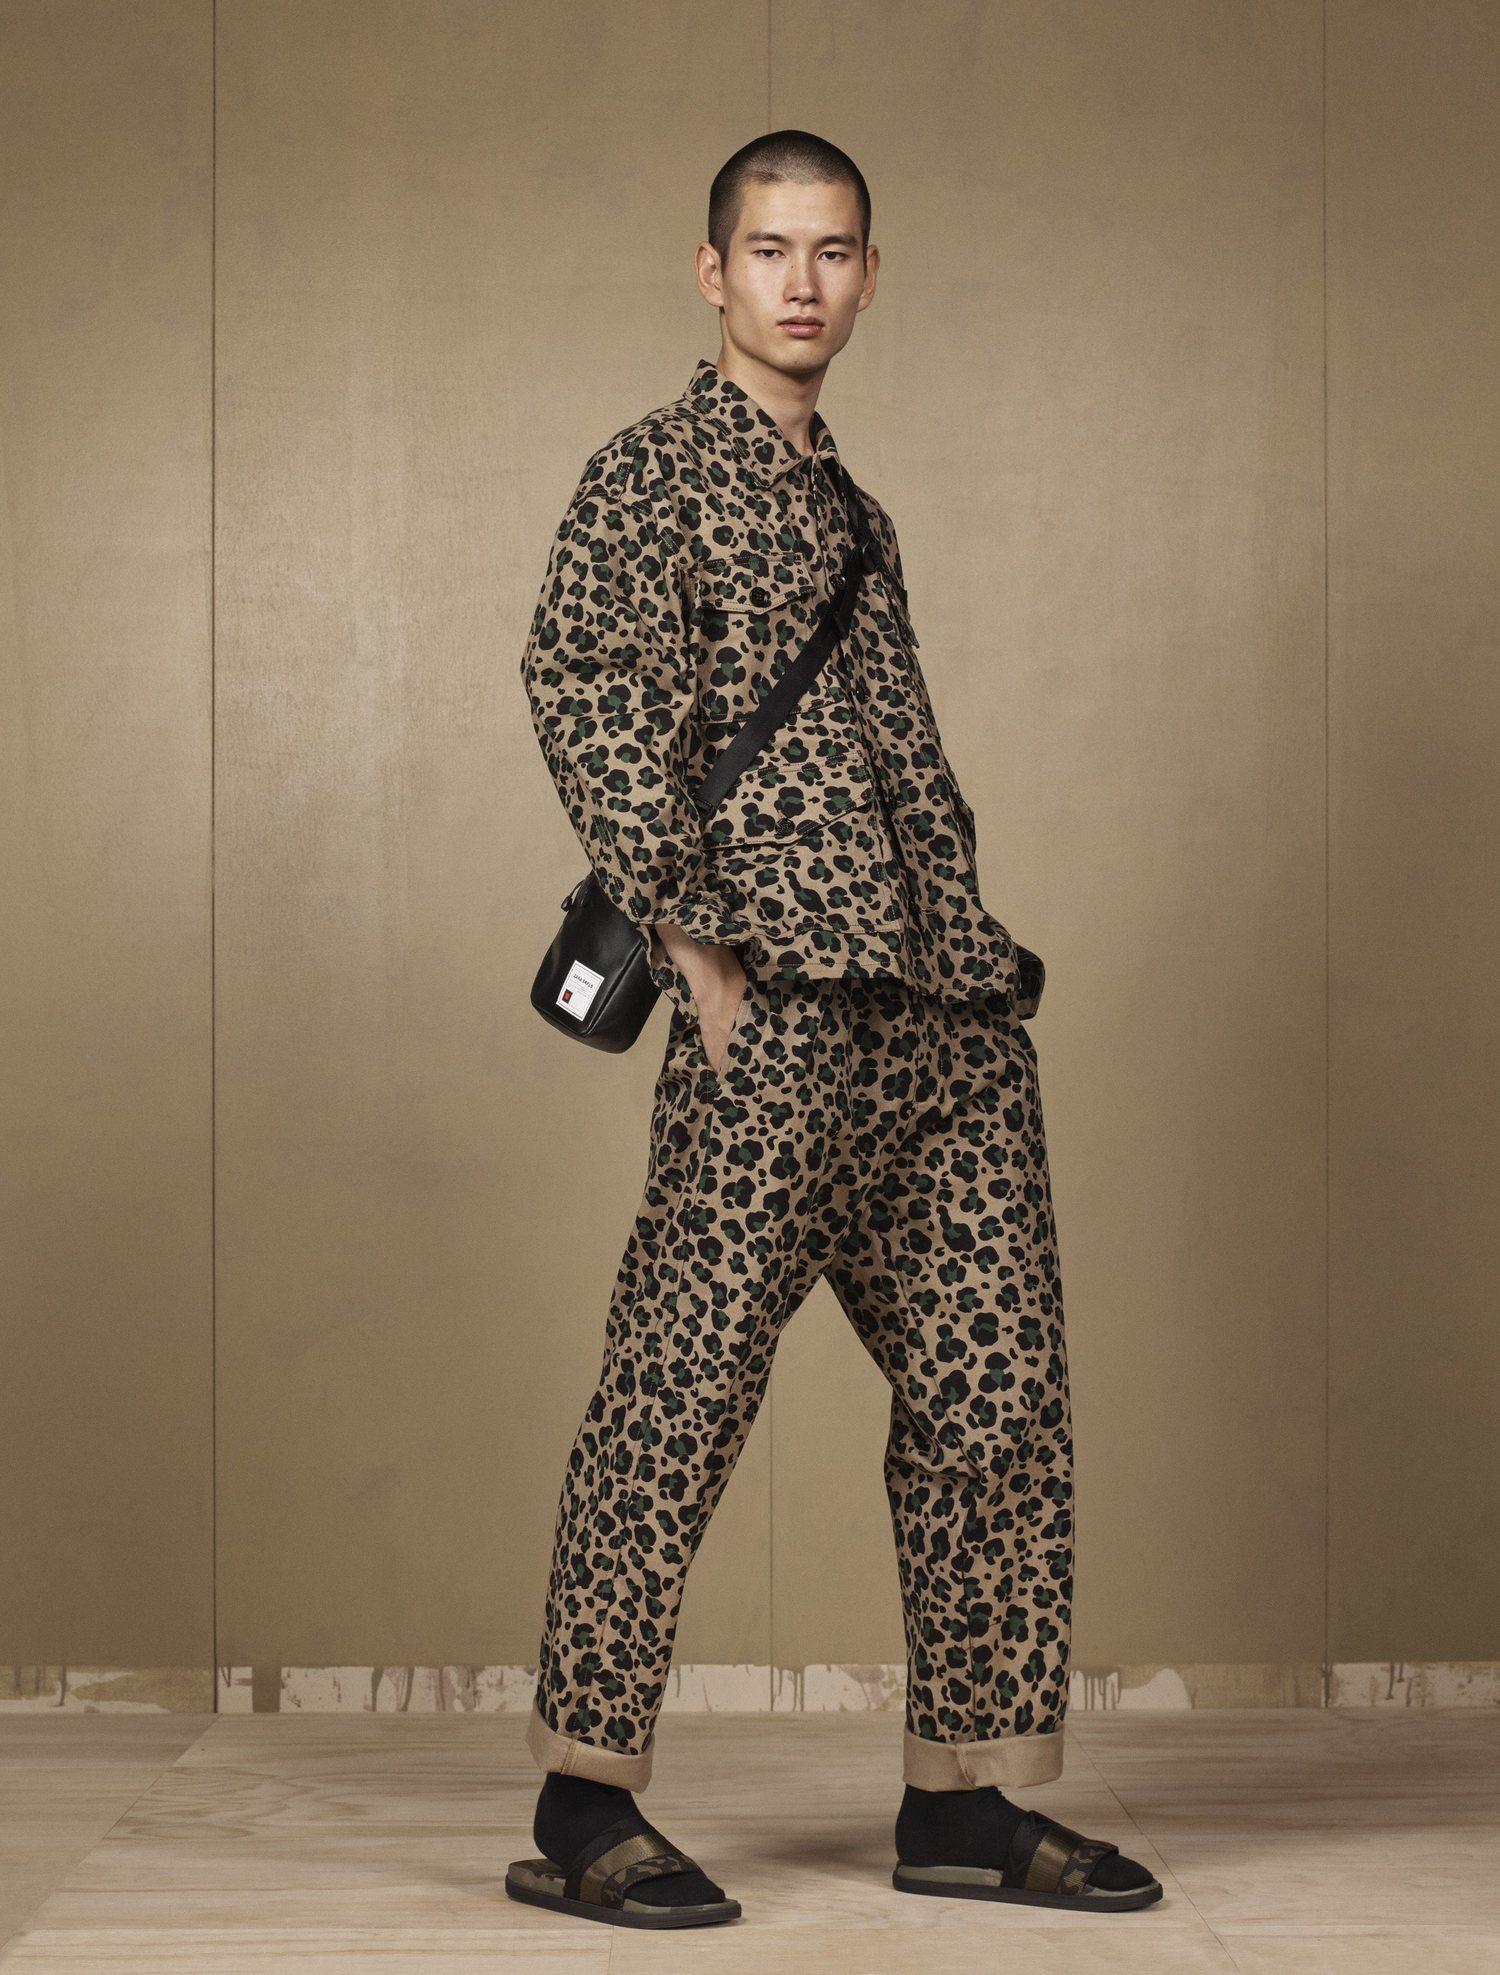 El nuevo estampado de Zara rompe con la estética militar tradicional.